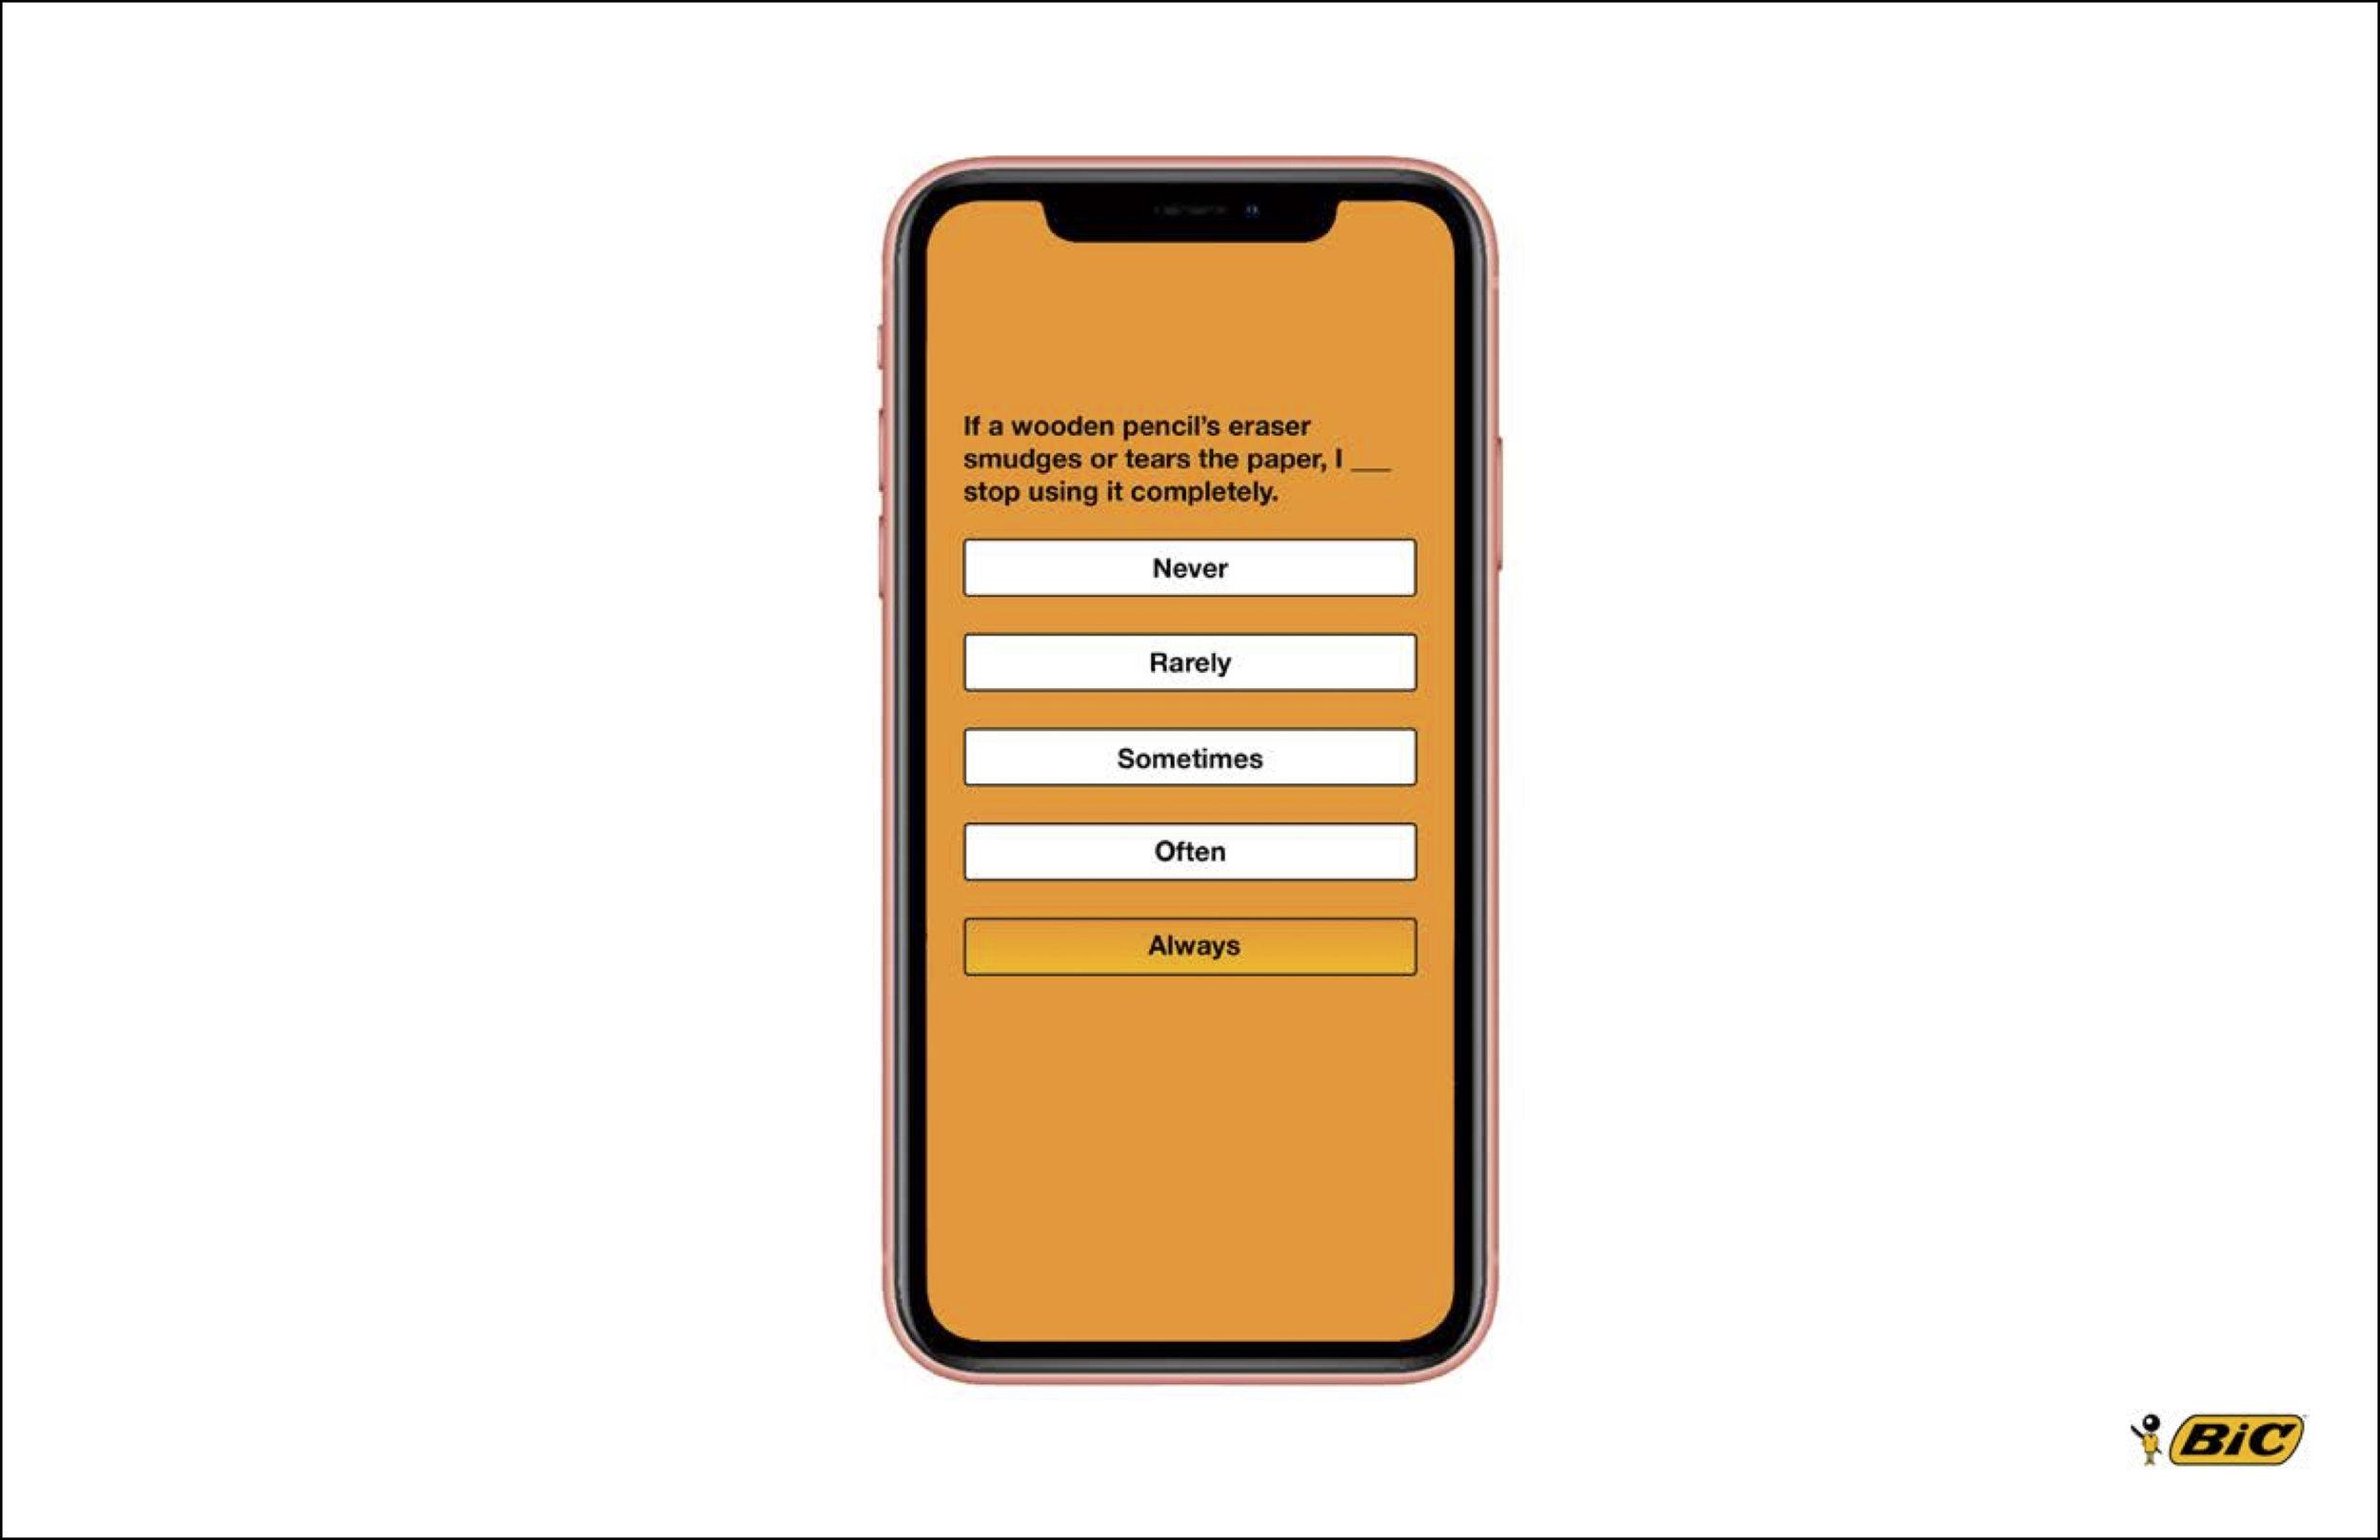 BIC App Screen 11.jpg